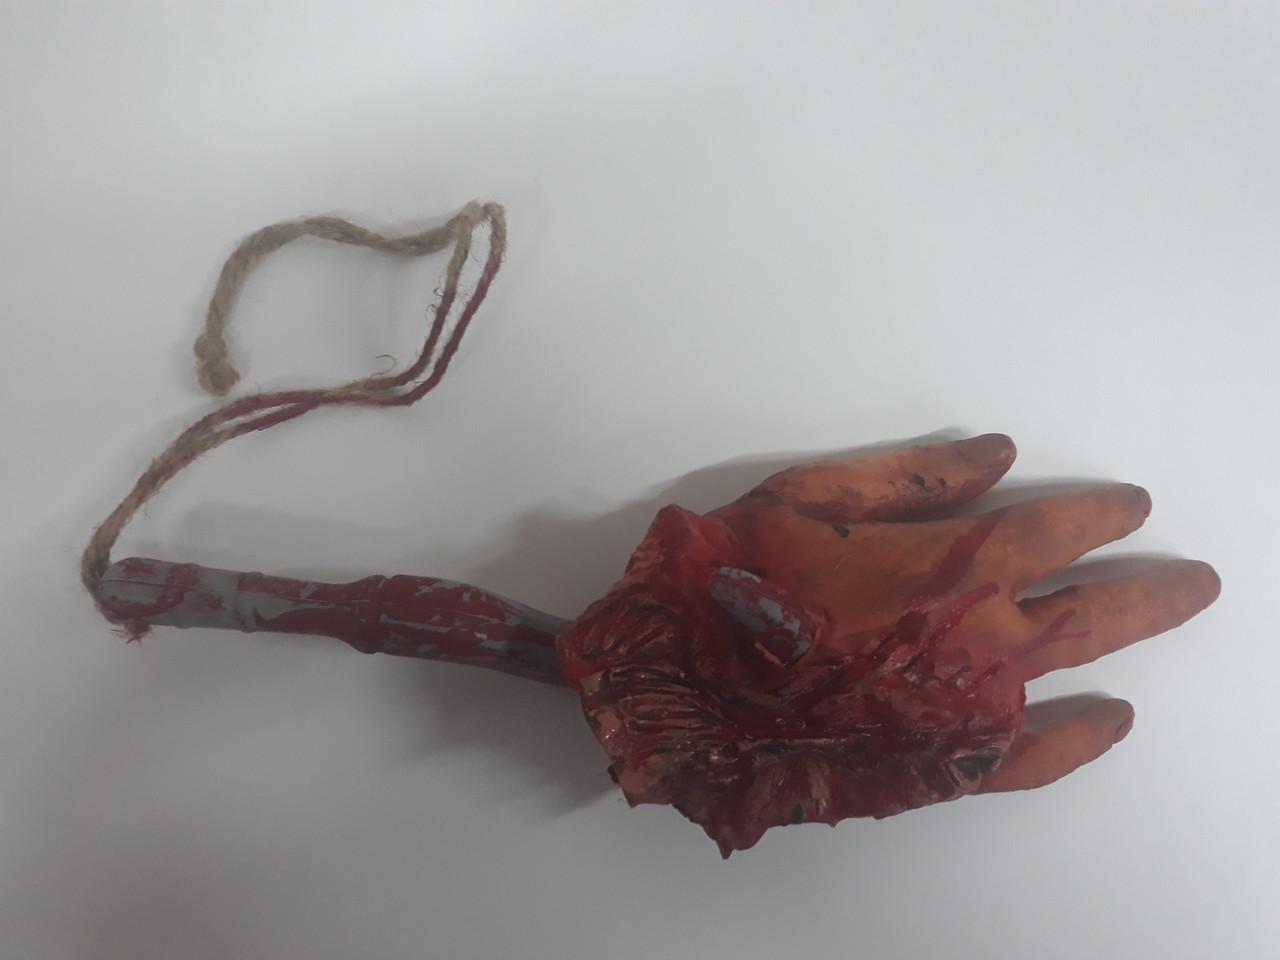 Кровавая рука на крюке для Хэллоуина